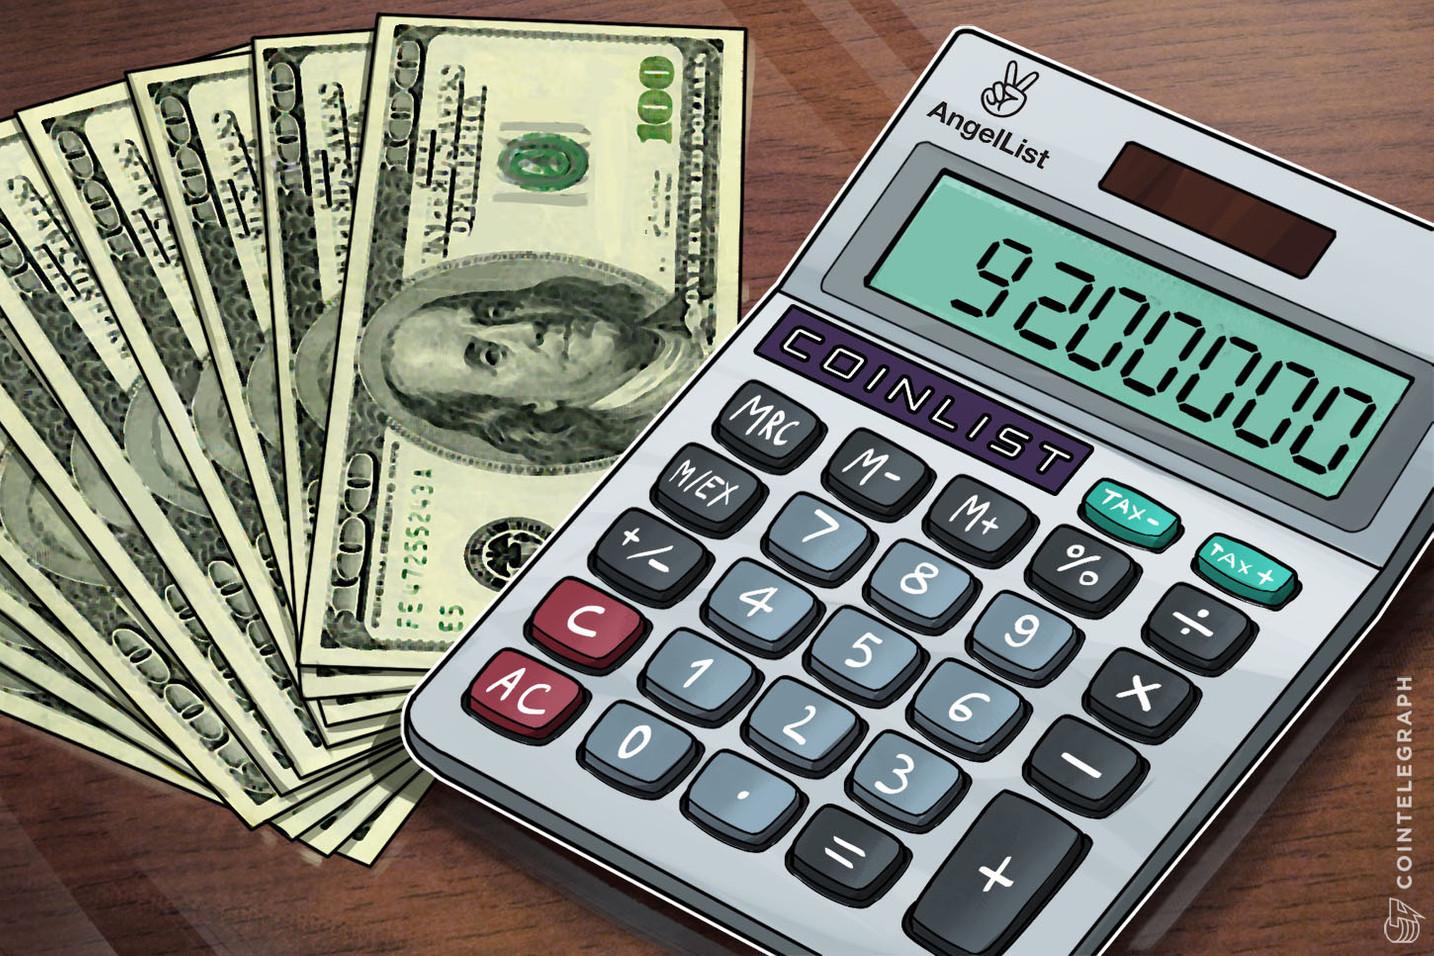 Regulation-Friendly Token Sale Platform CoinList Raises $9.2 Mln In Initial Funding Round